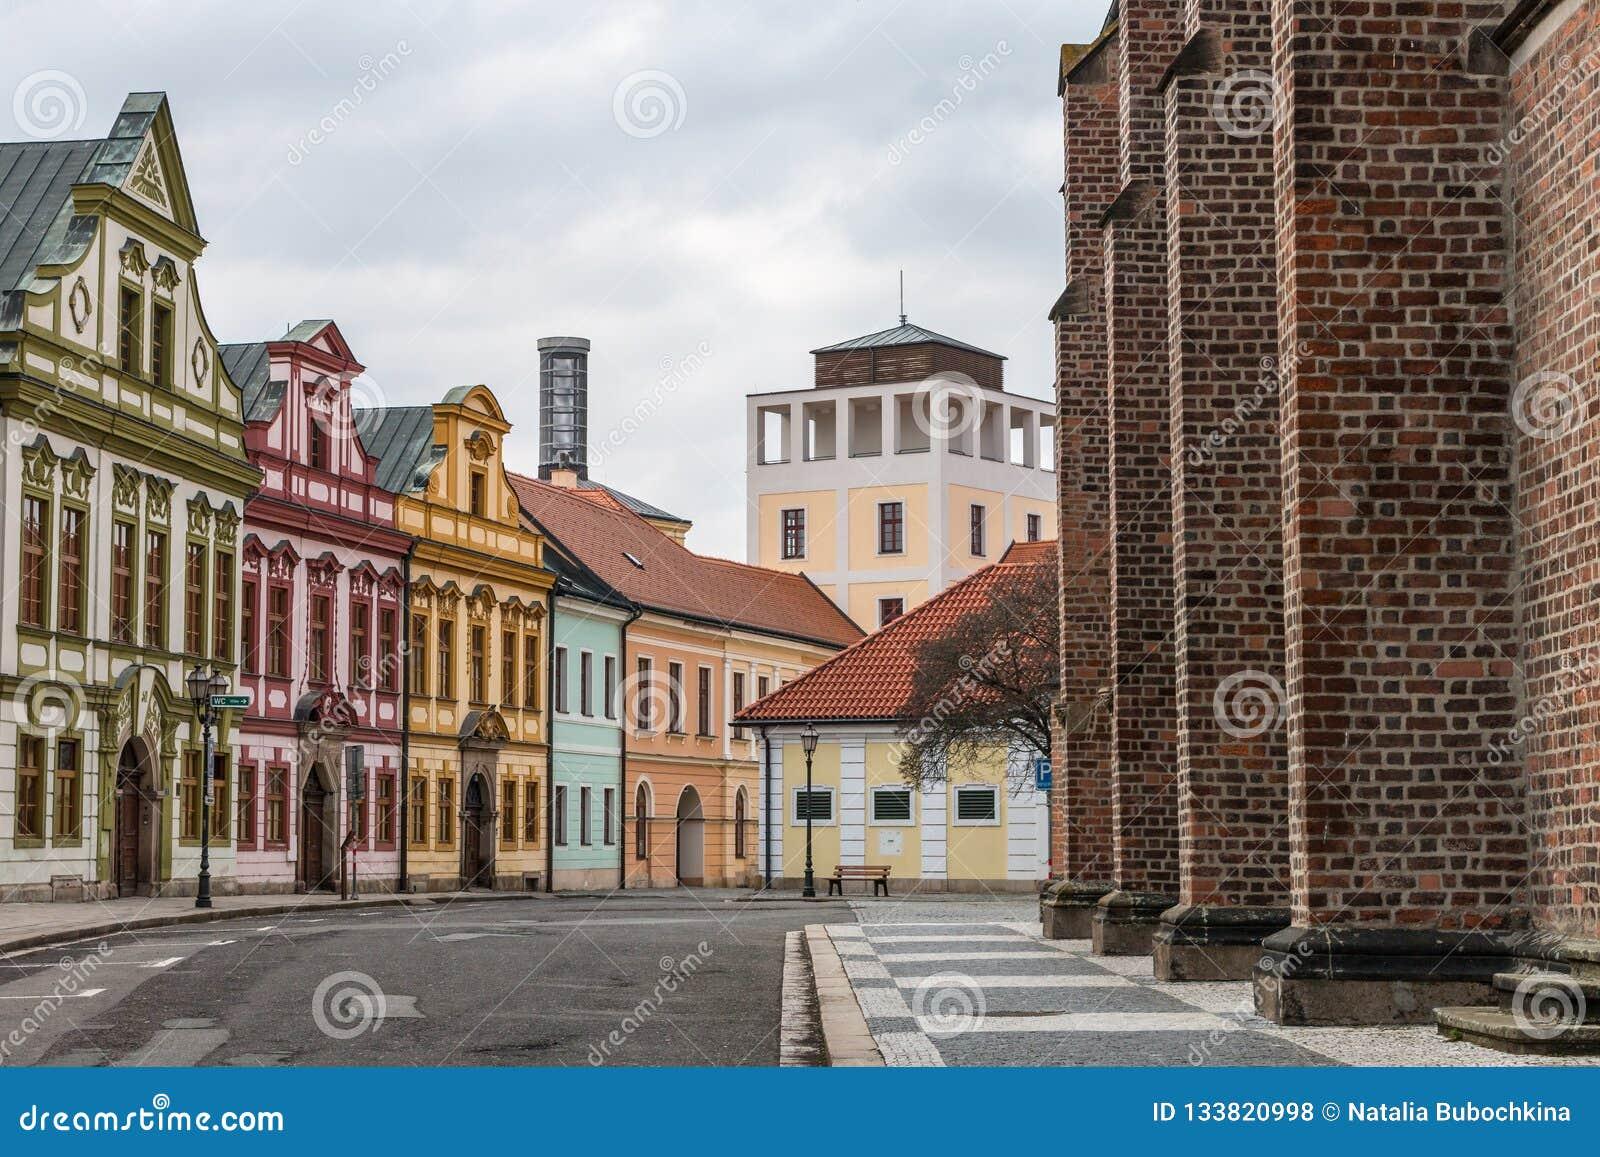 Ζωηρόχρωμα σπίτια του κέντρου πόλεων Hradec Kralove